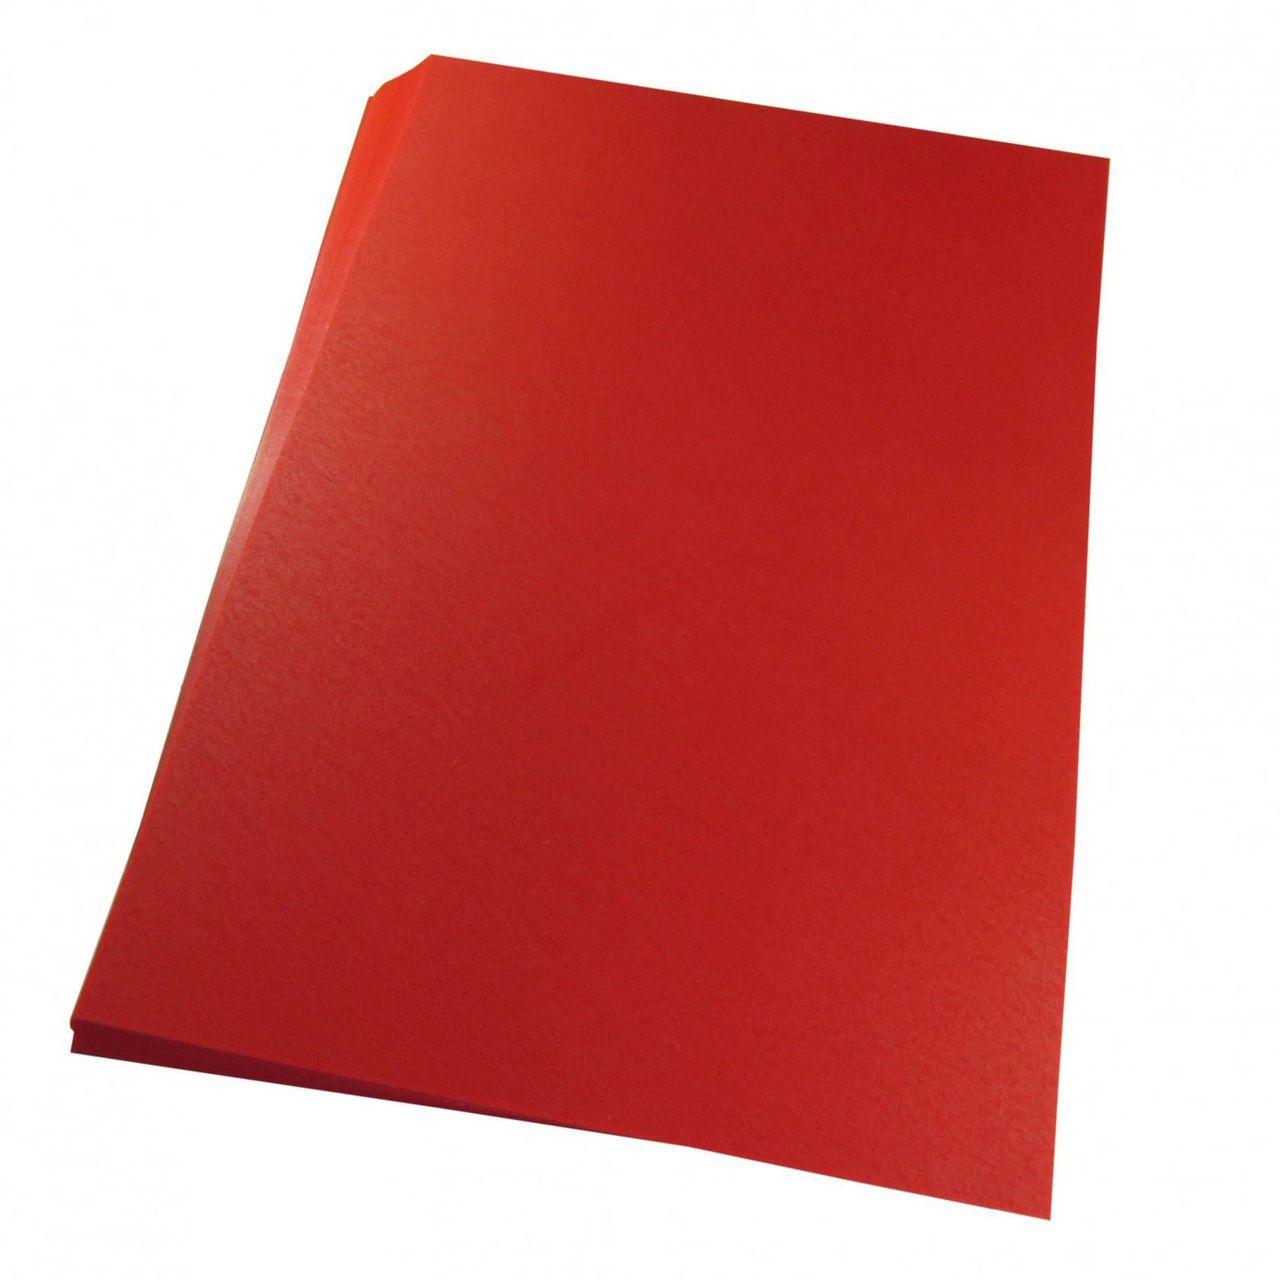 Capas para Encadernação Vermelha Tamanho A4 0,28 de PVC